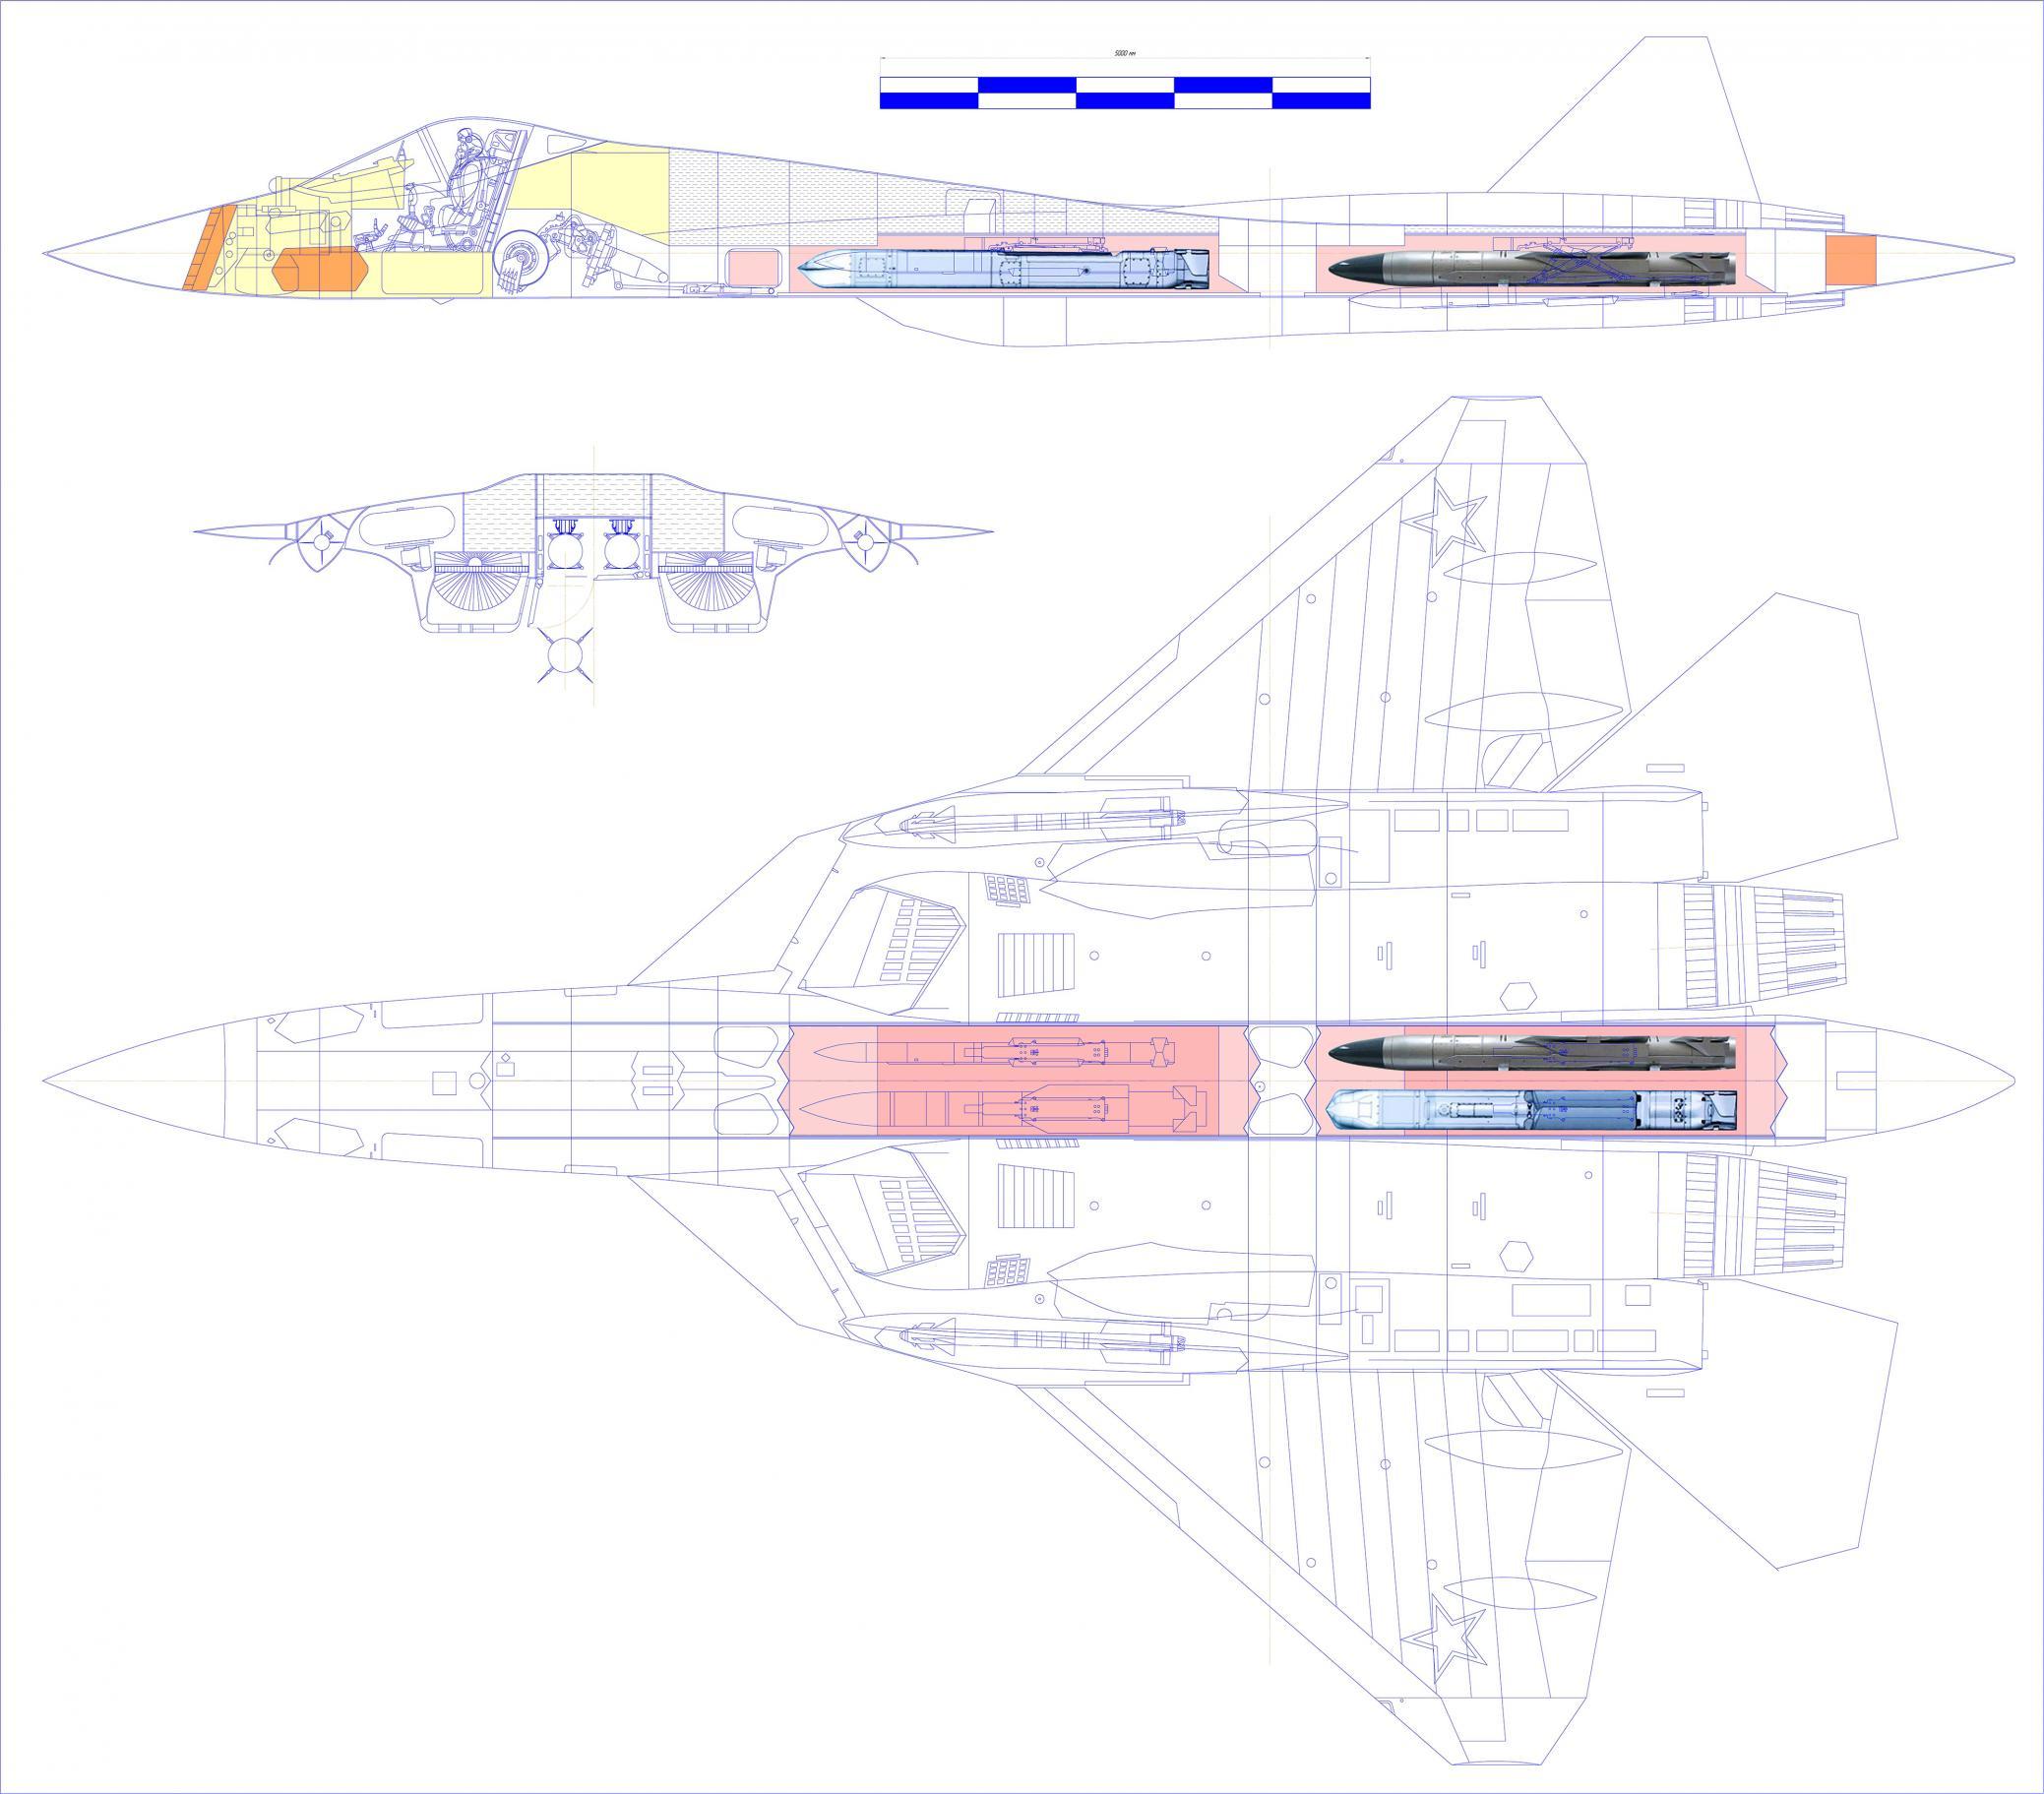 Внутренняя компоновка Т-50